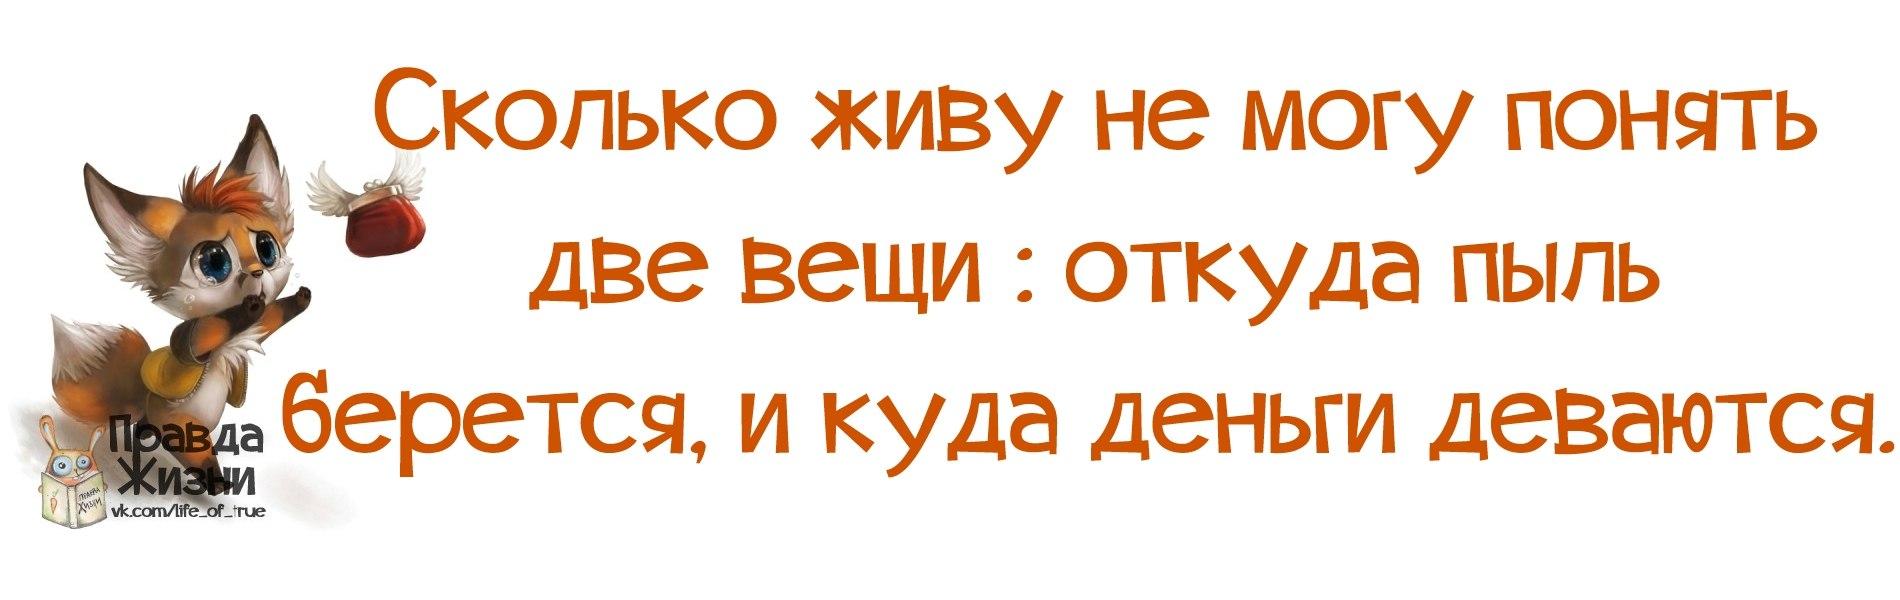 http://s5.uploads.ru/ebuvj.jpg